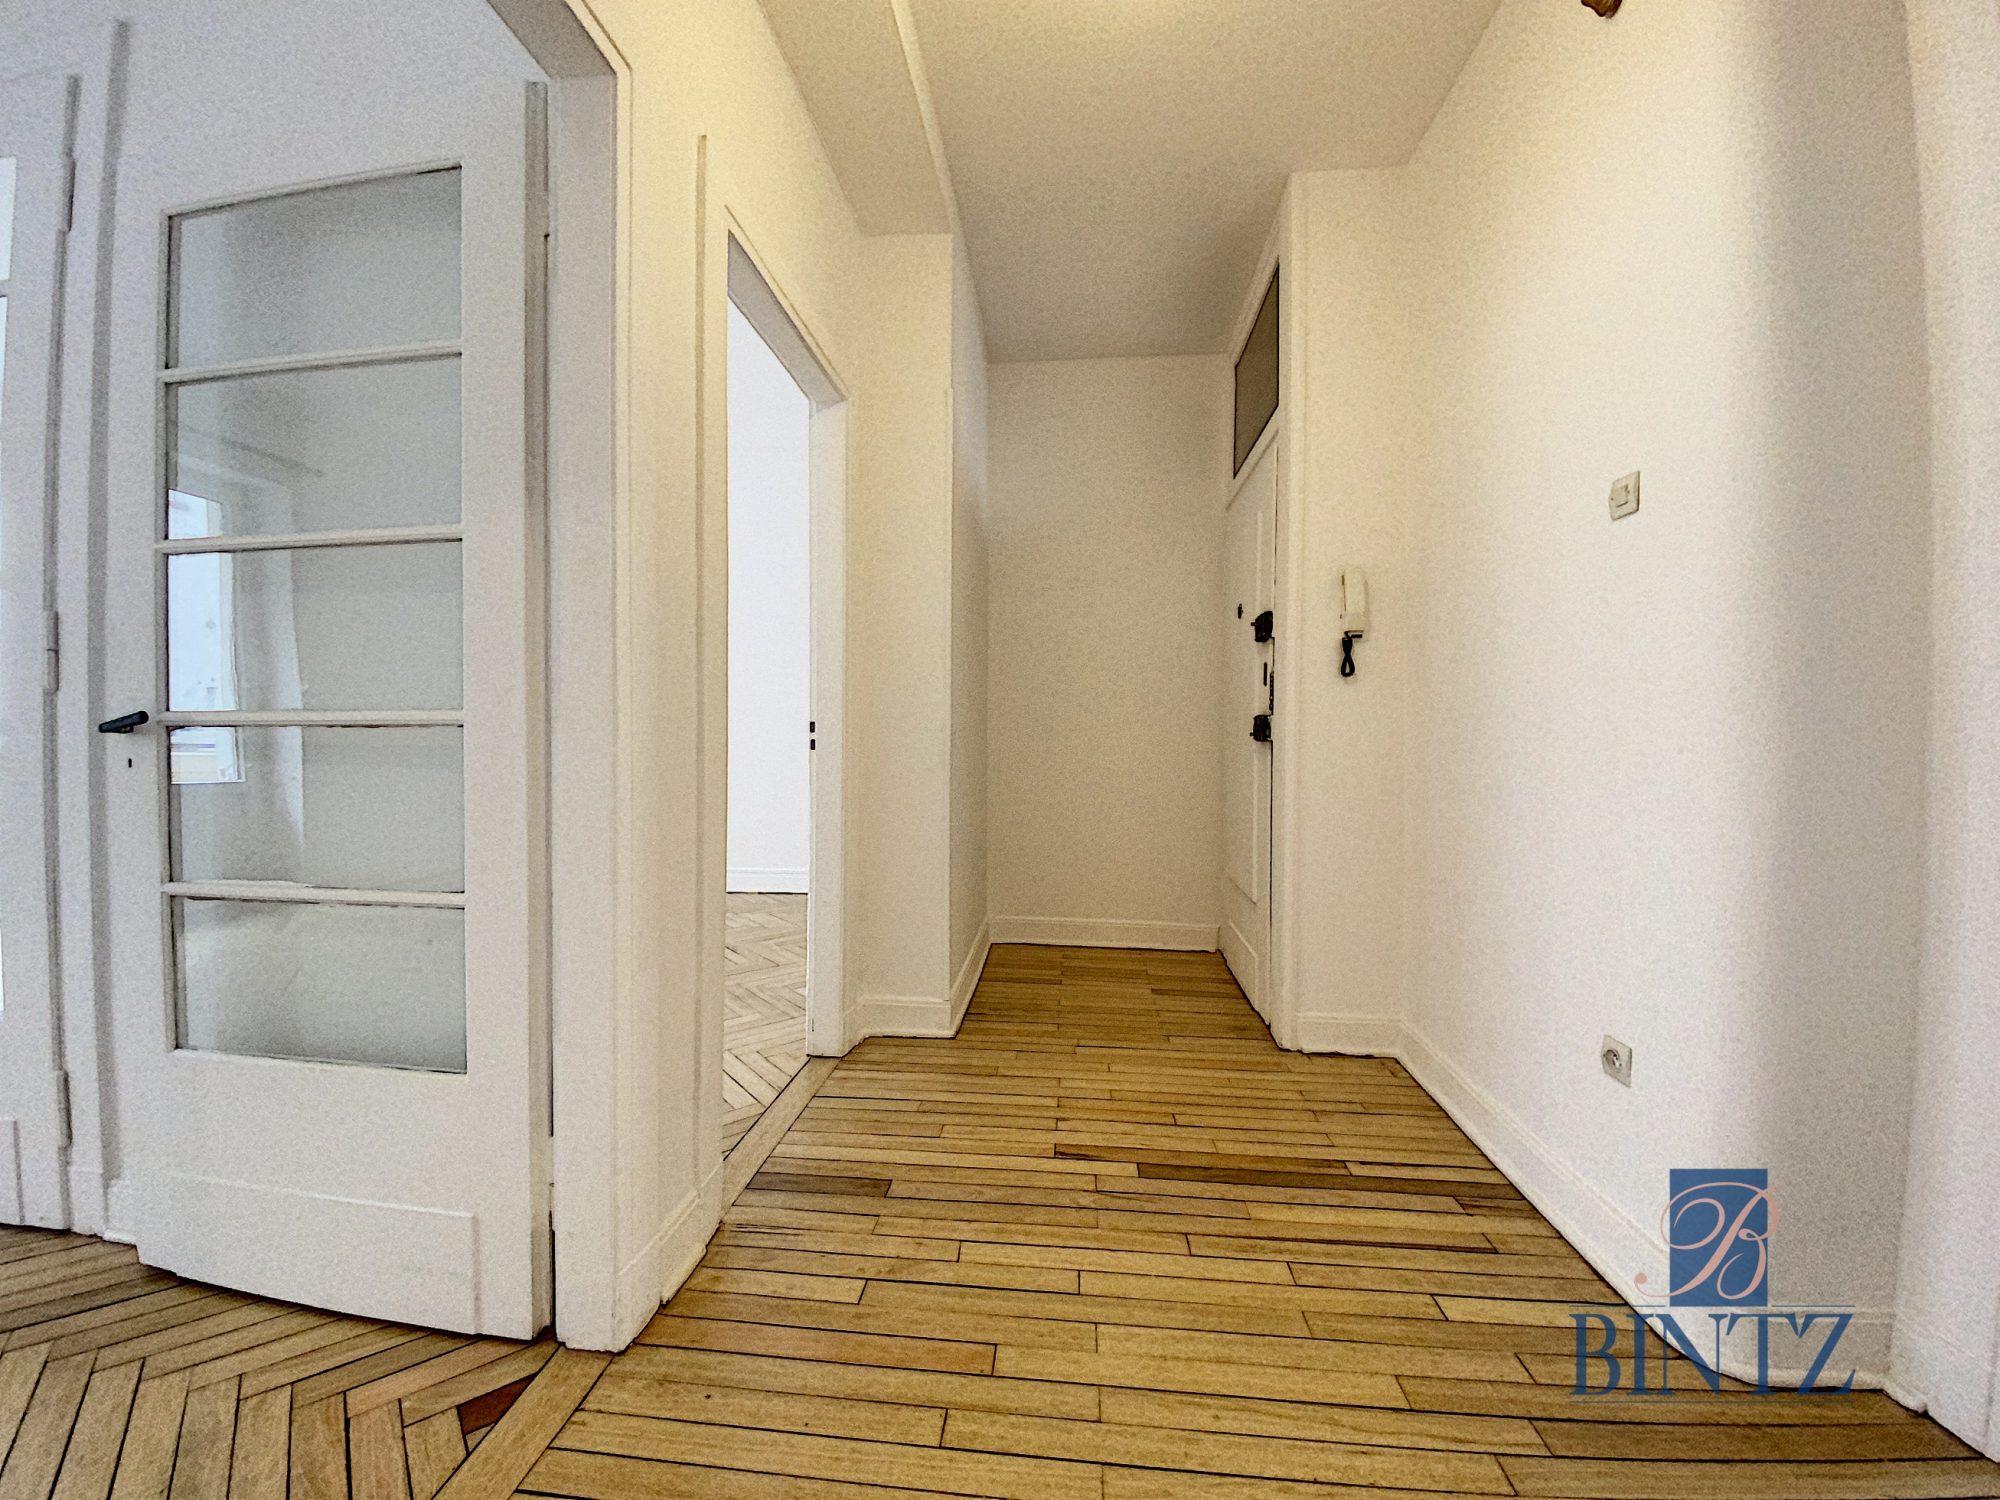 2 PIÈCES KRUTENAU - Devenez locataire en toute sérénité - Bintz Immobilier - 7